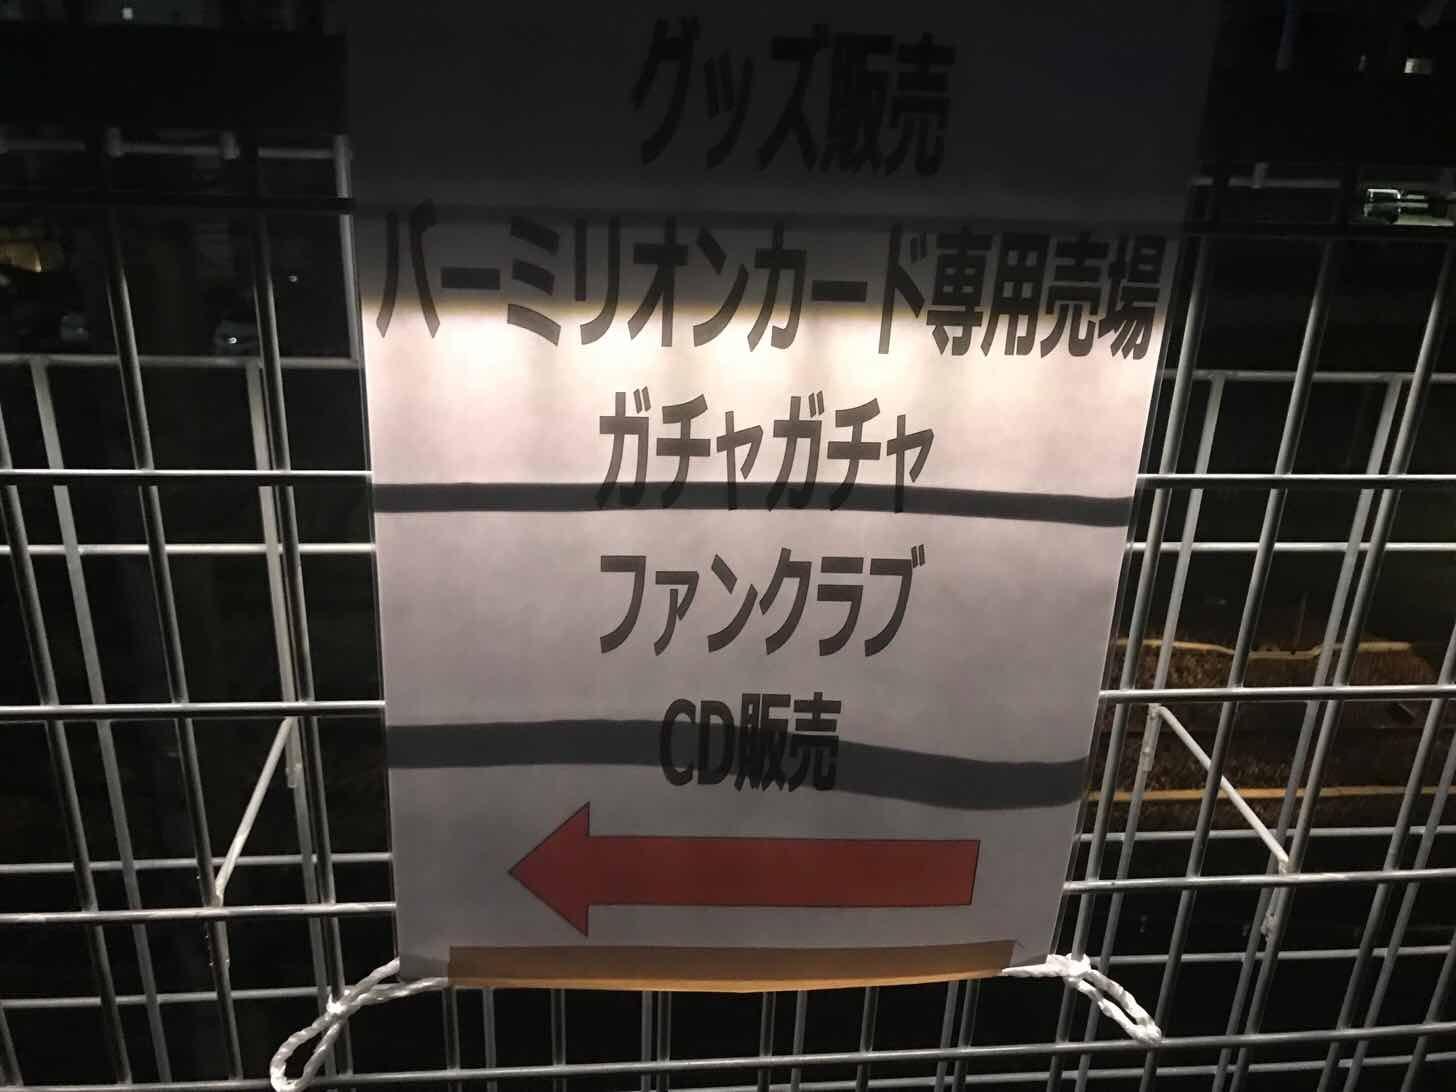 B'z-高崎アリーナ-グッズ販売